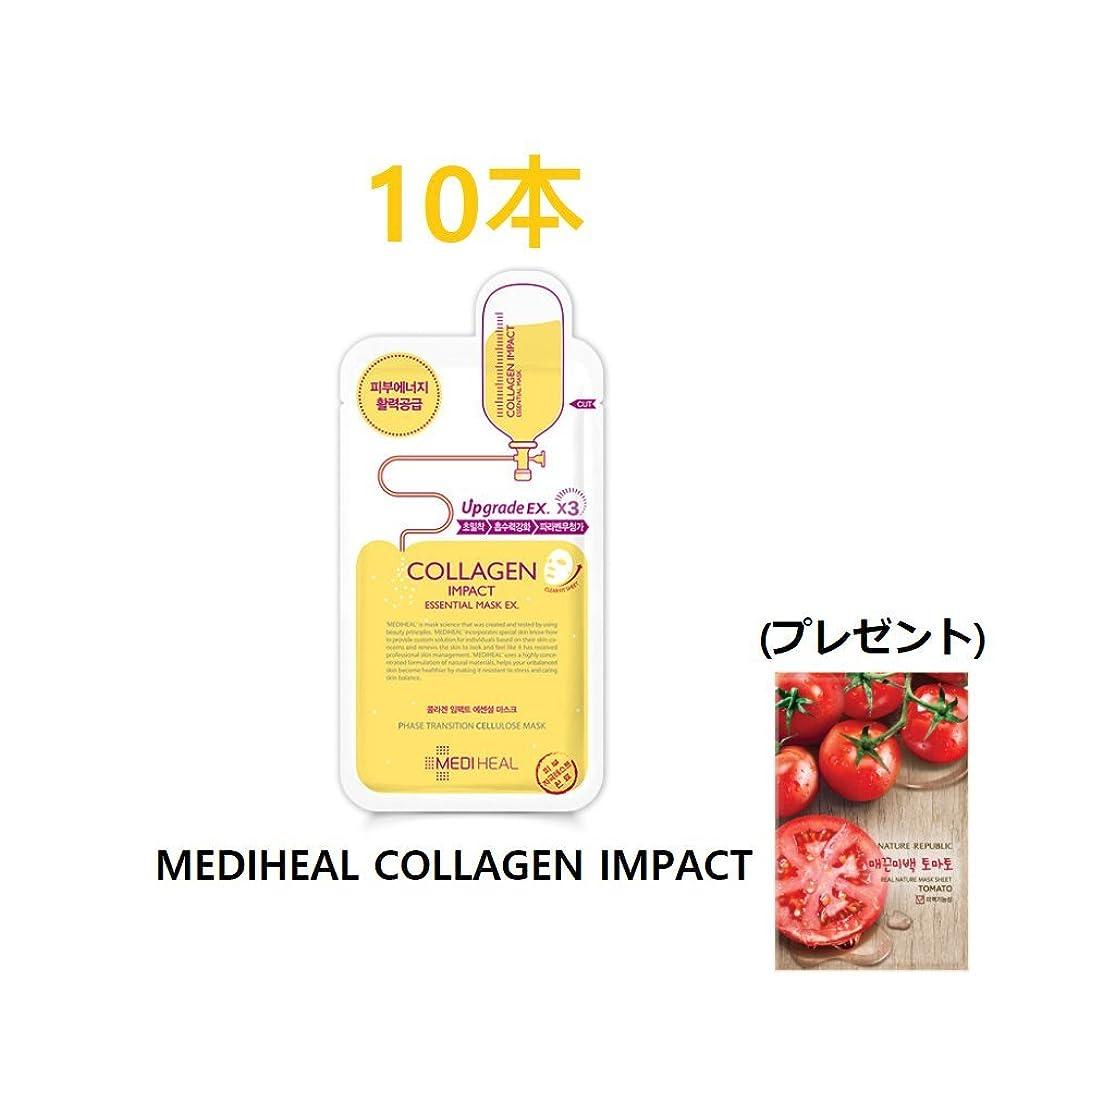 恐れる大使バング(プレゼント) Mediheal Collagen Impact REX (メディヒール) エッセンシャルマスクパック10枚セット/コラーゲンインパクト/ [並行輸入品]